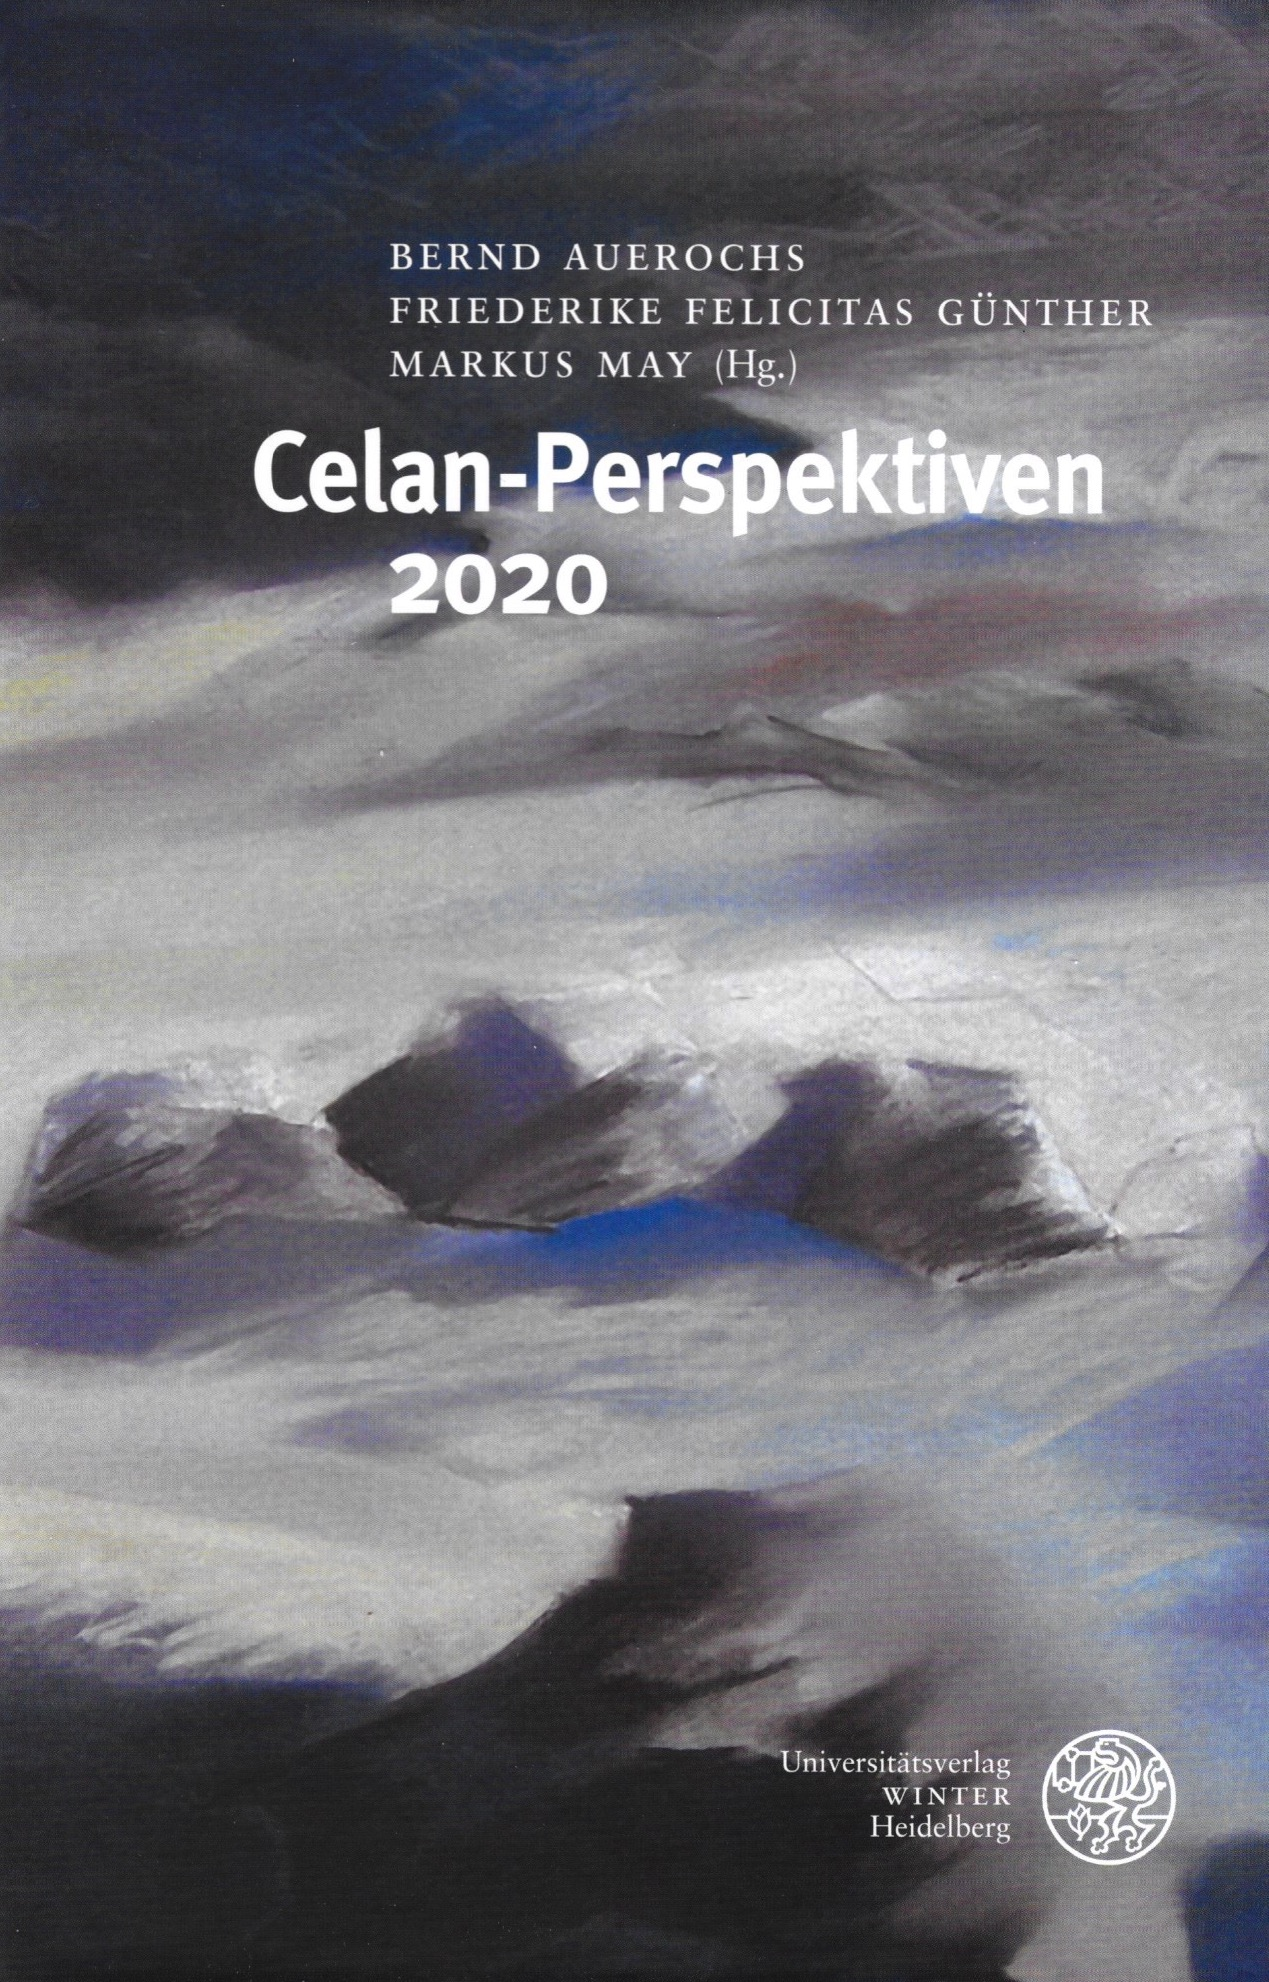 Erschienen in:Celan-Perspektiven 2020, hrsg. von Bernd Auerochs, Friederike Felicitas Günther, Markus May, Heidelberg: Universitätsverlag Winter 2021 (erschienen am 15.3.2021), pp. 243 ff.